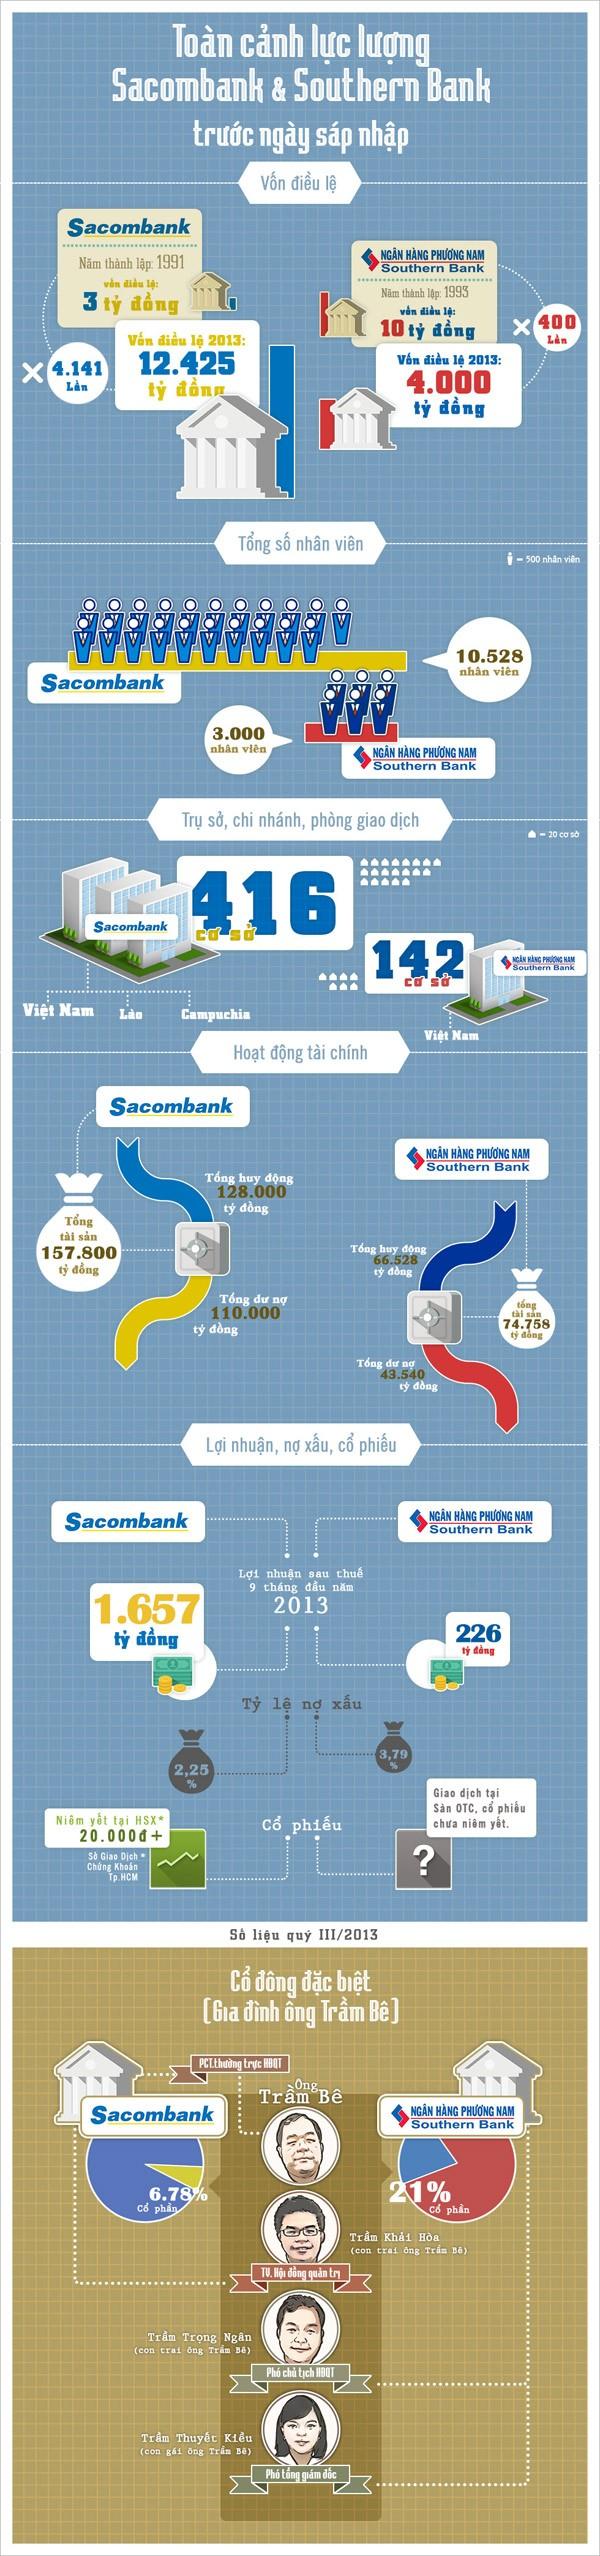 Tiềm lực tài chính Sacombank và Southern bank ảnh 1